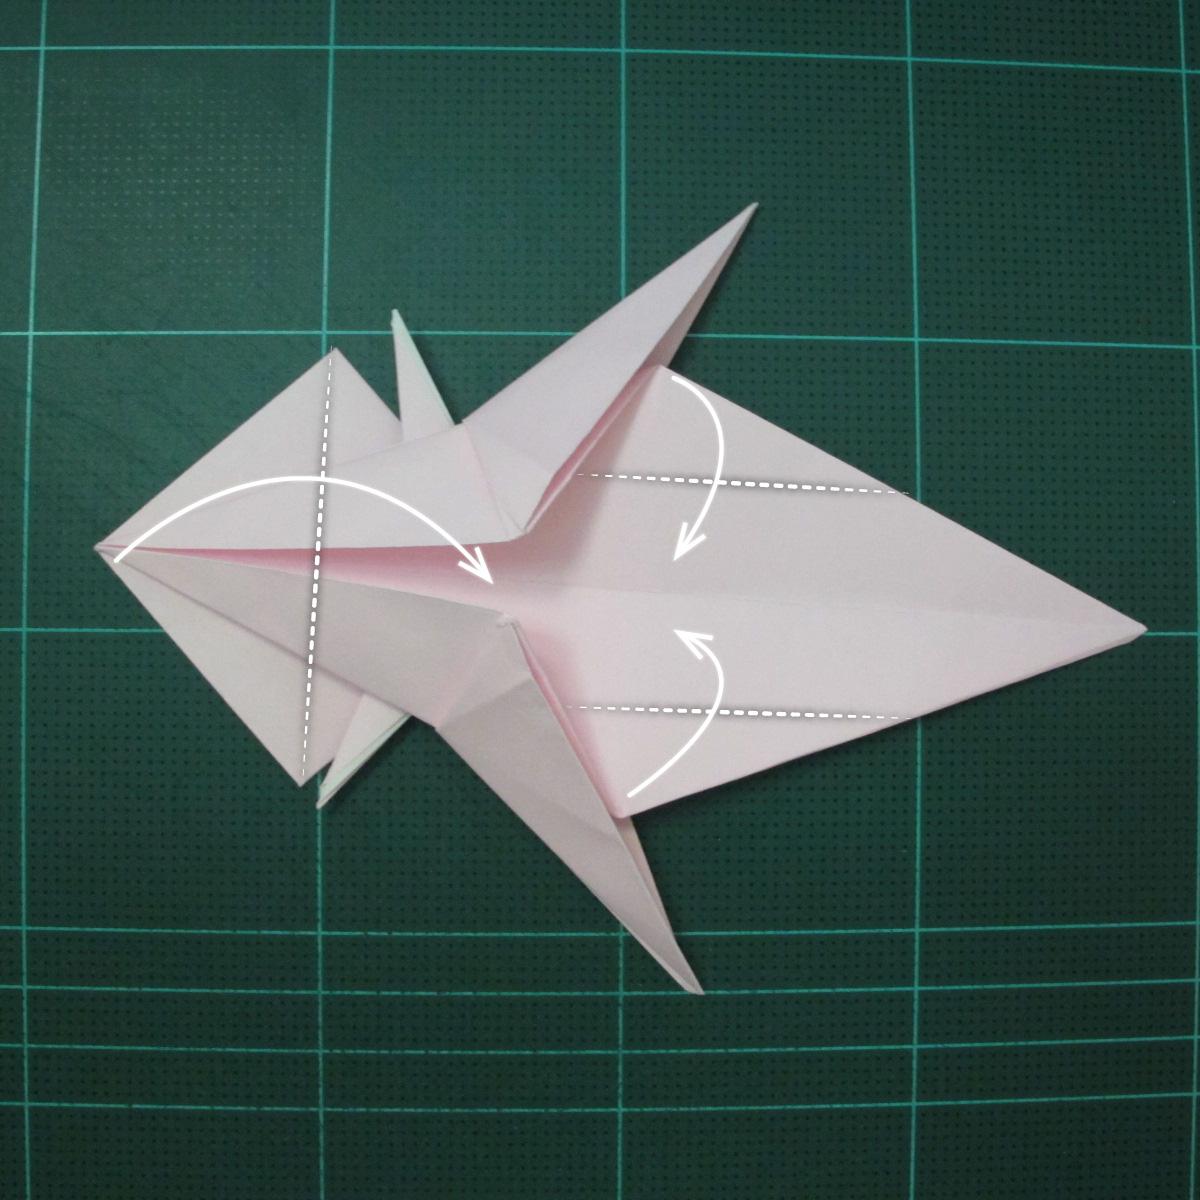 การพับกระดาษเป็นไดโนเสาร์ทีเร็กซ์ (Origami Tyrannosaurus Rex) 027